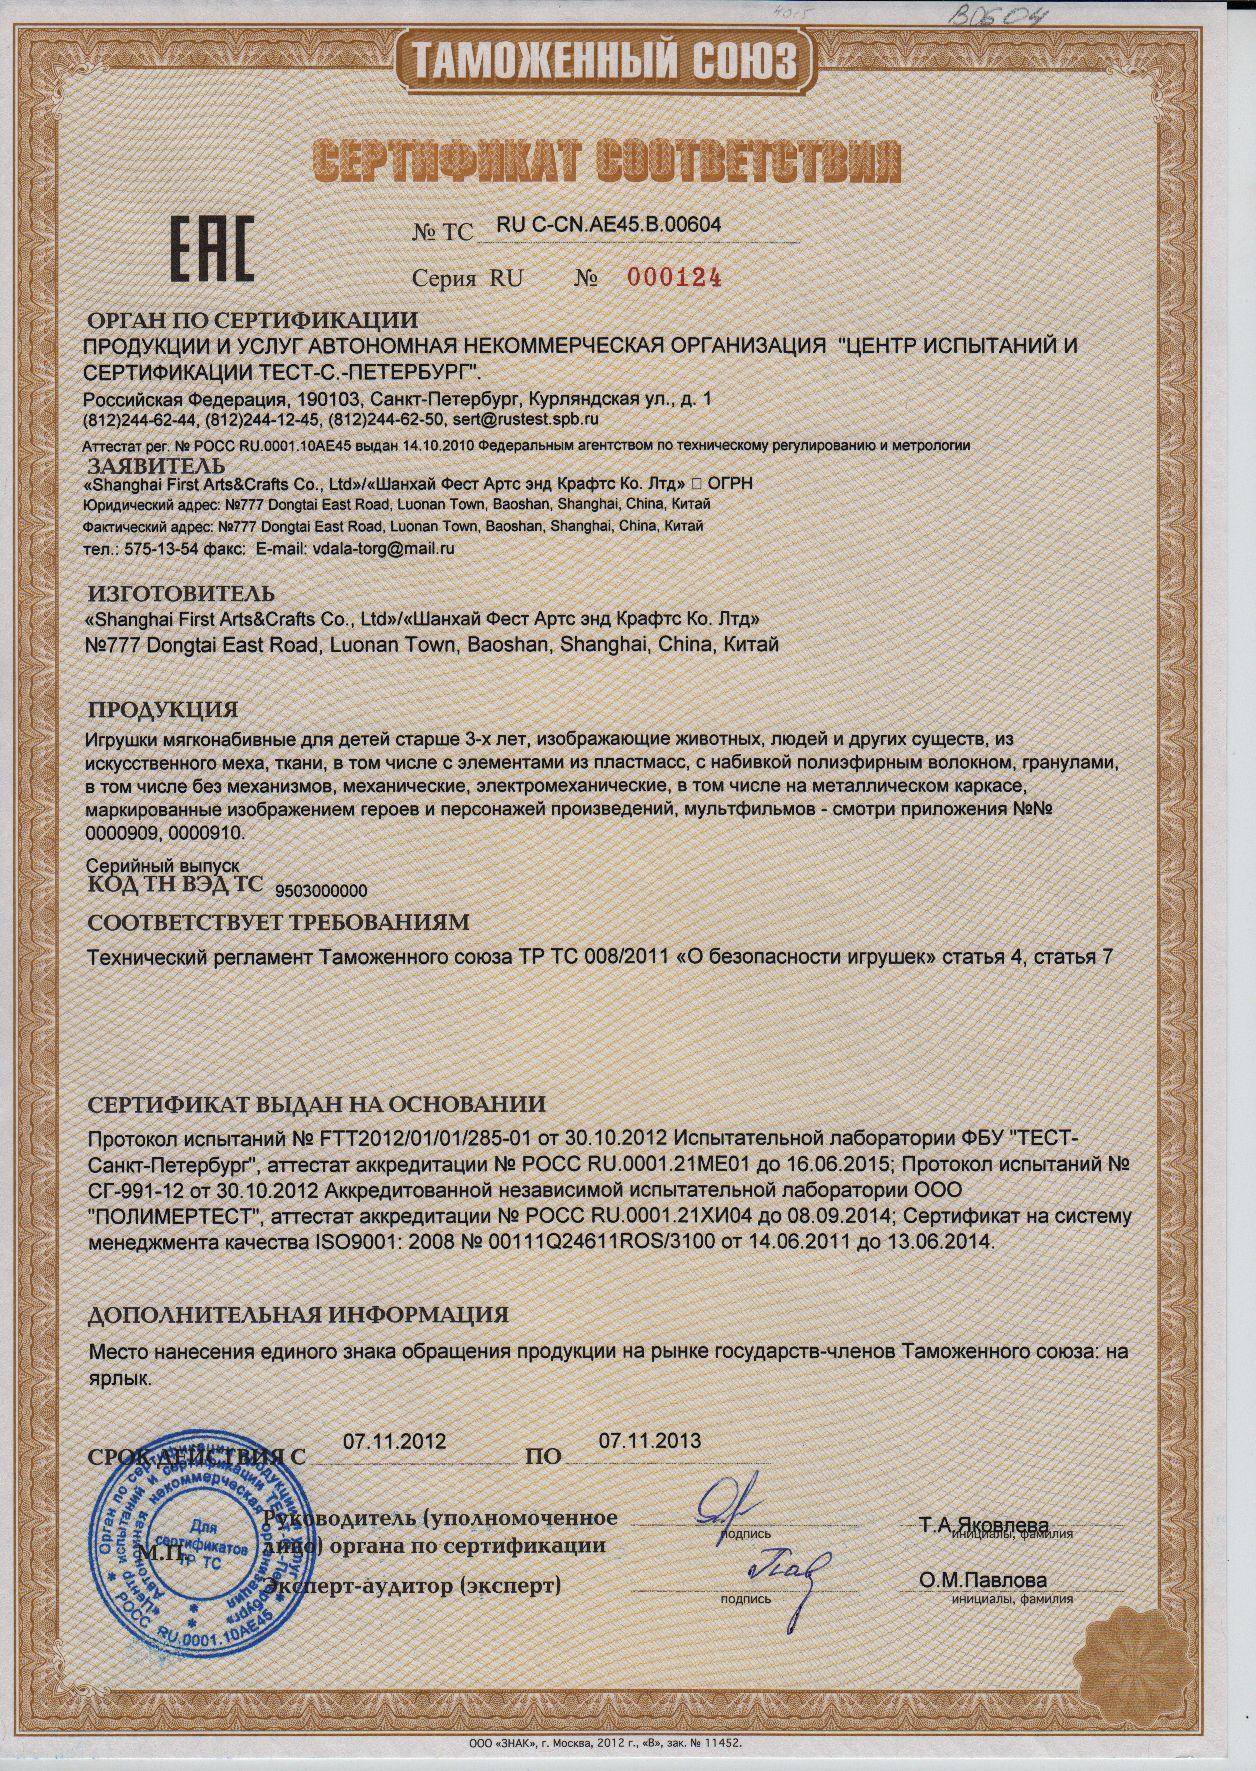 образец технического описания мебели для сертификации